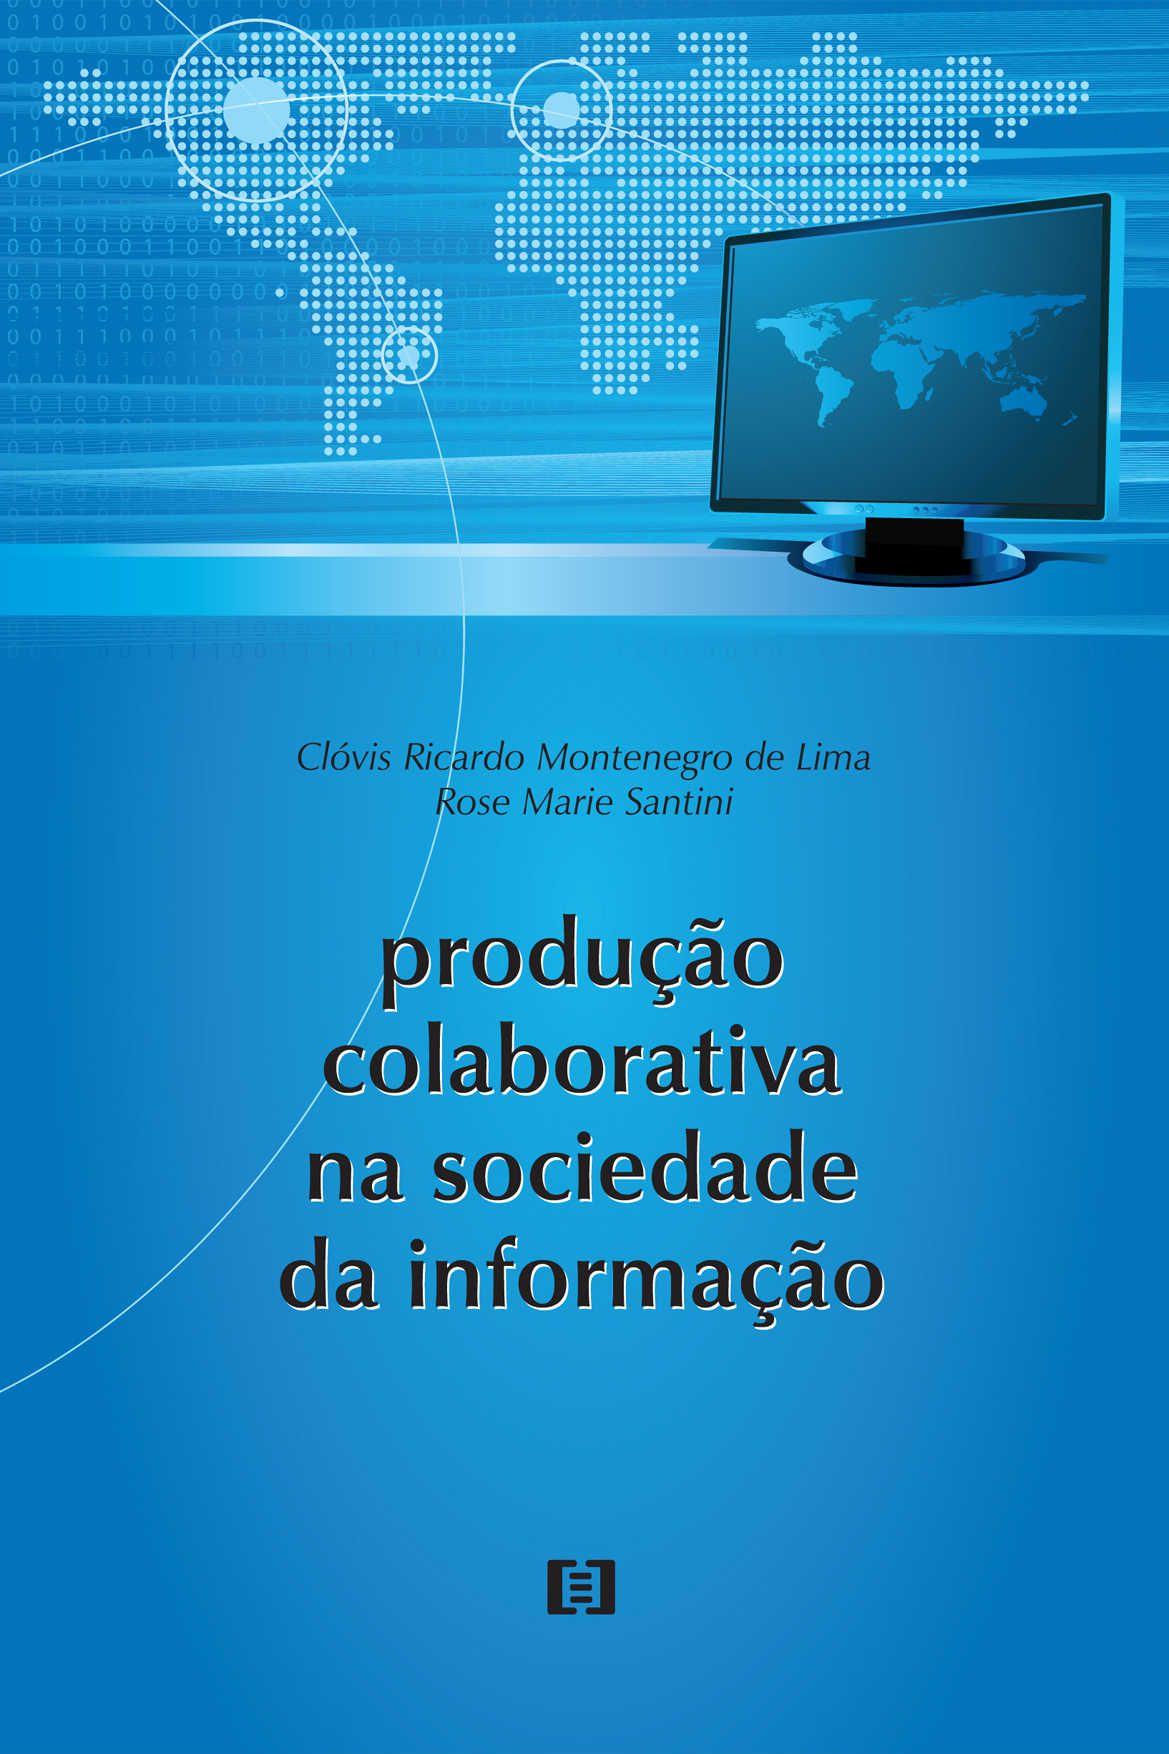 Produção colaborativa na sociedade da informação